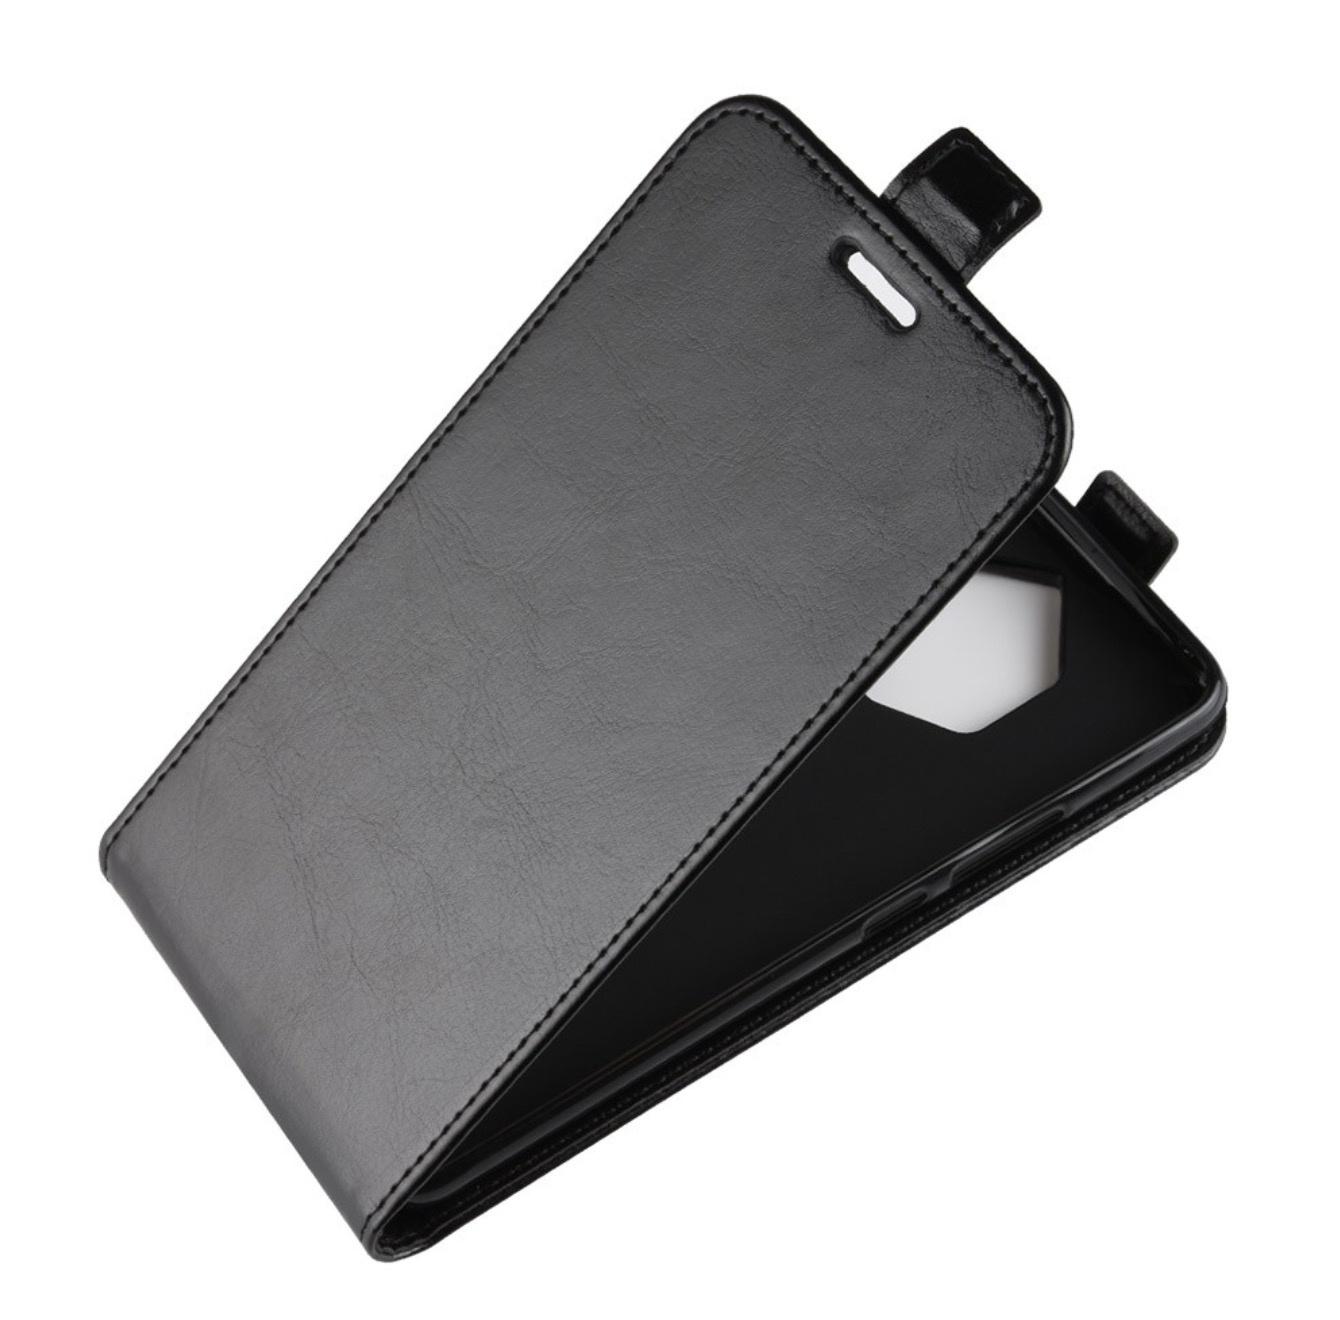 все цены на Чехол-флип MyPads для Nokia Lumia 625 вертикальный откидной черный онлайн